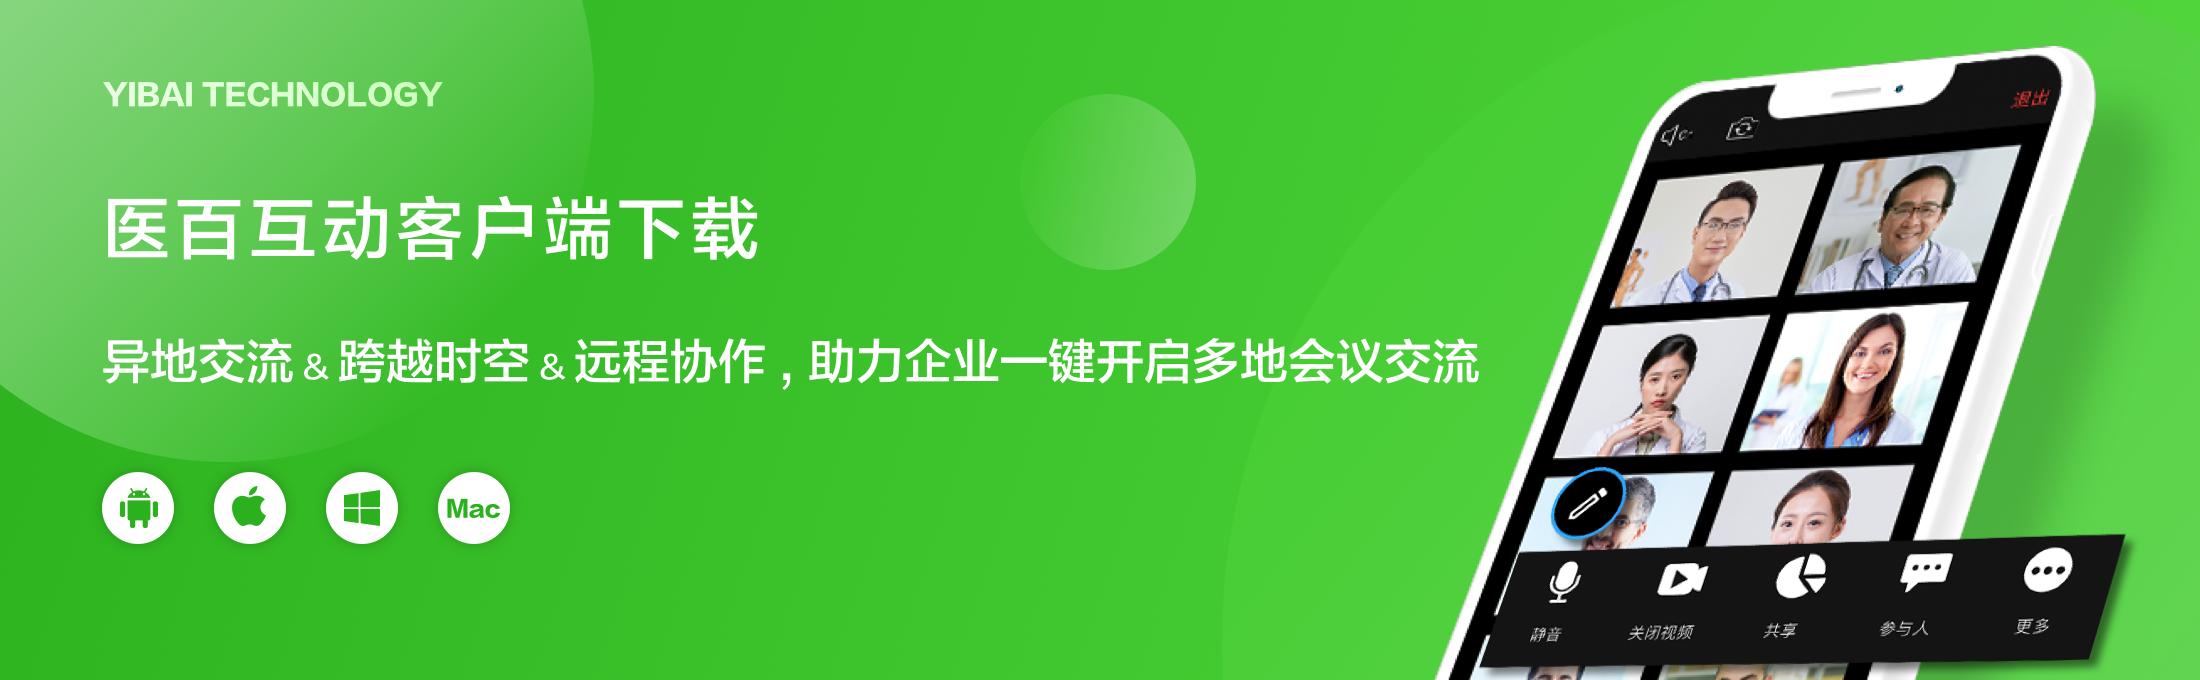 客户端下载_banner.png